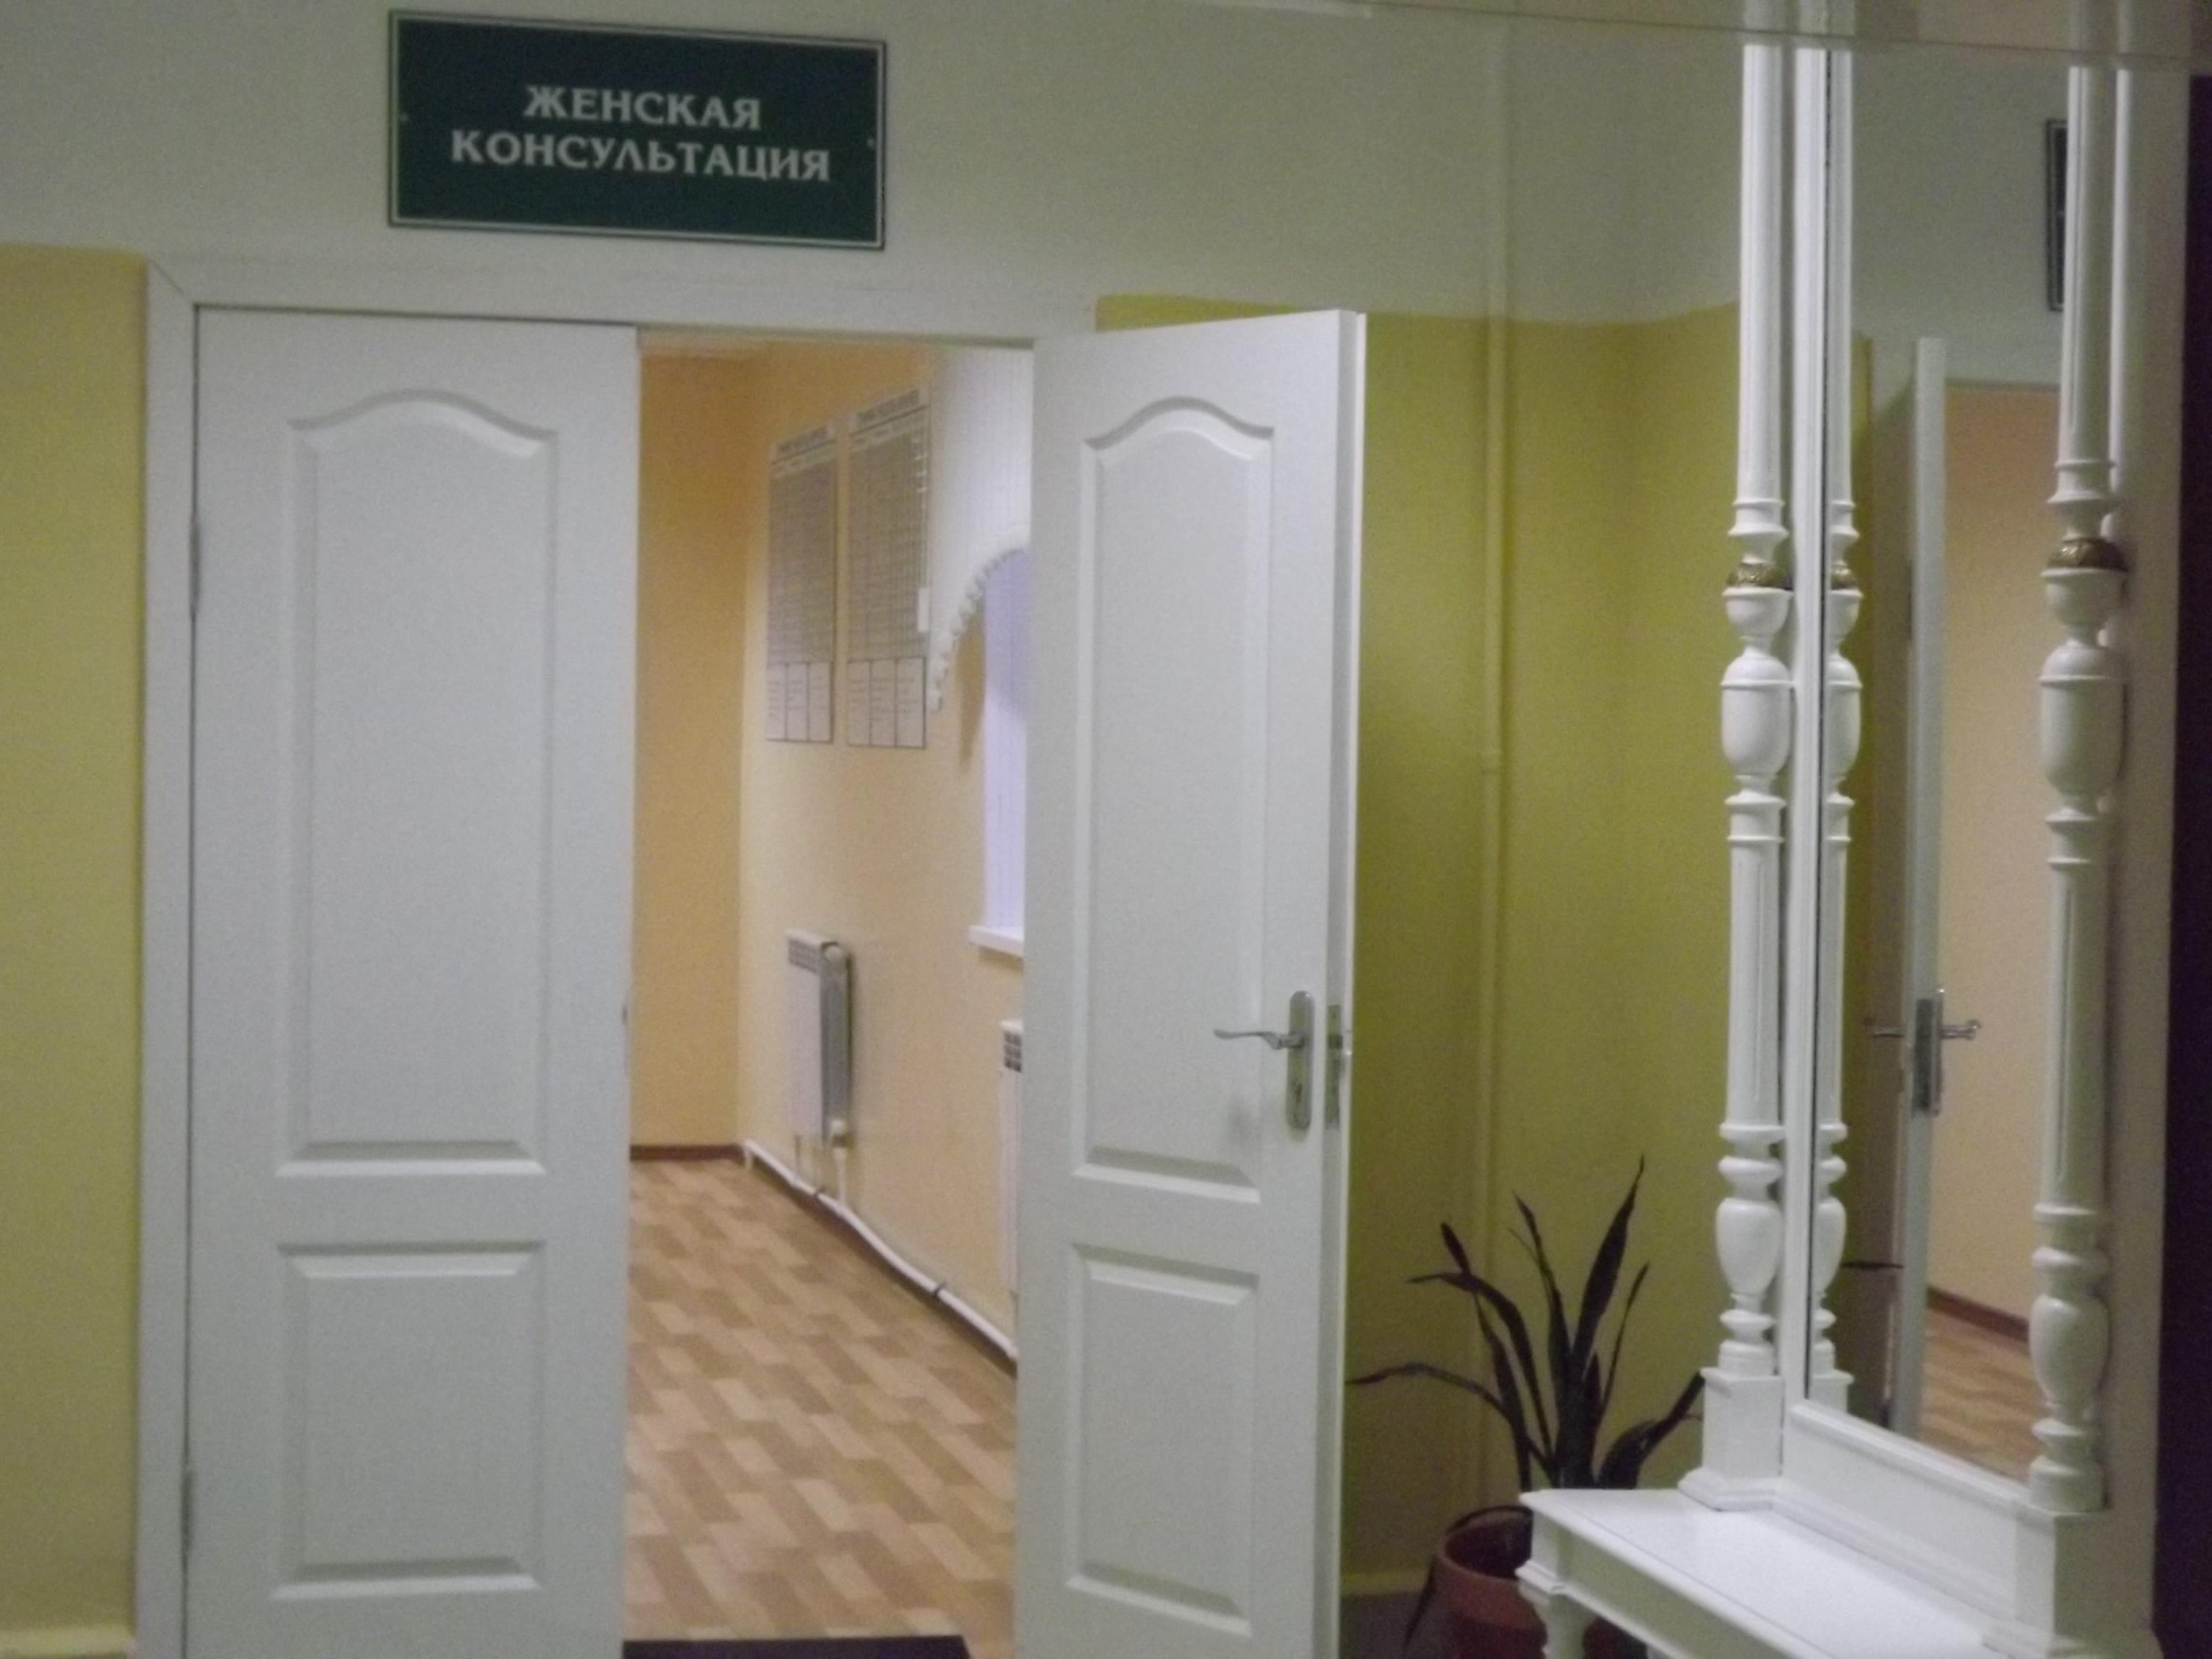 Женская консультация плат услуги альметьевск